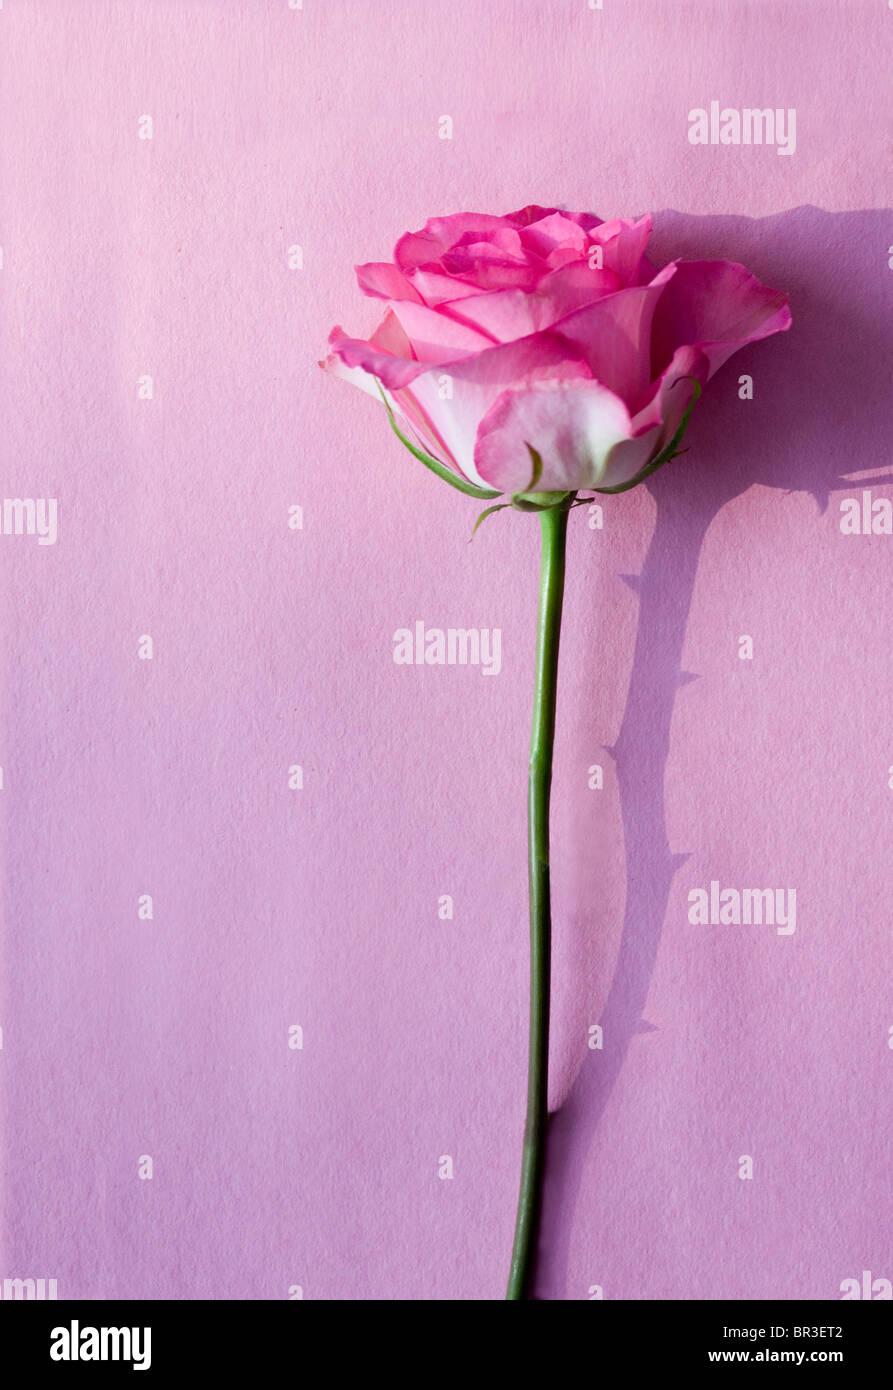 Rosa rosa su una superficie di colore rosa con un ombra di spine Immagini Stock